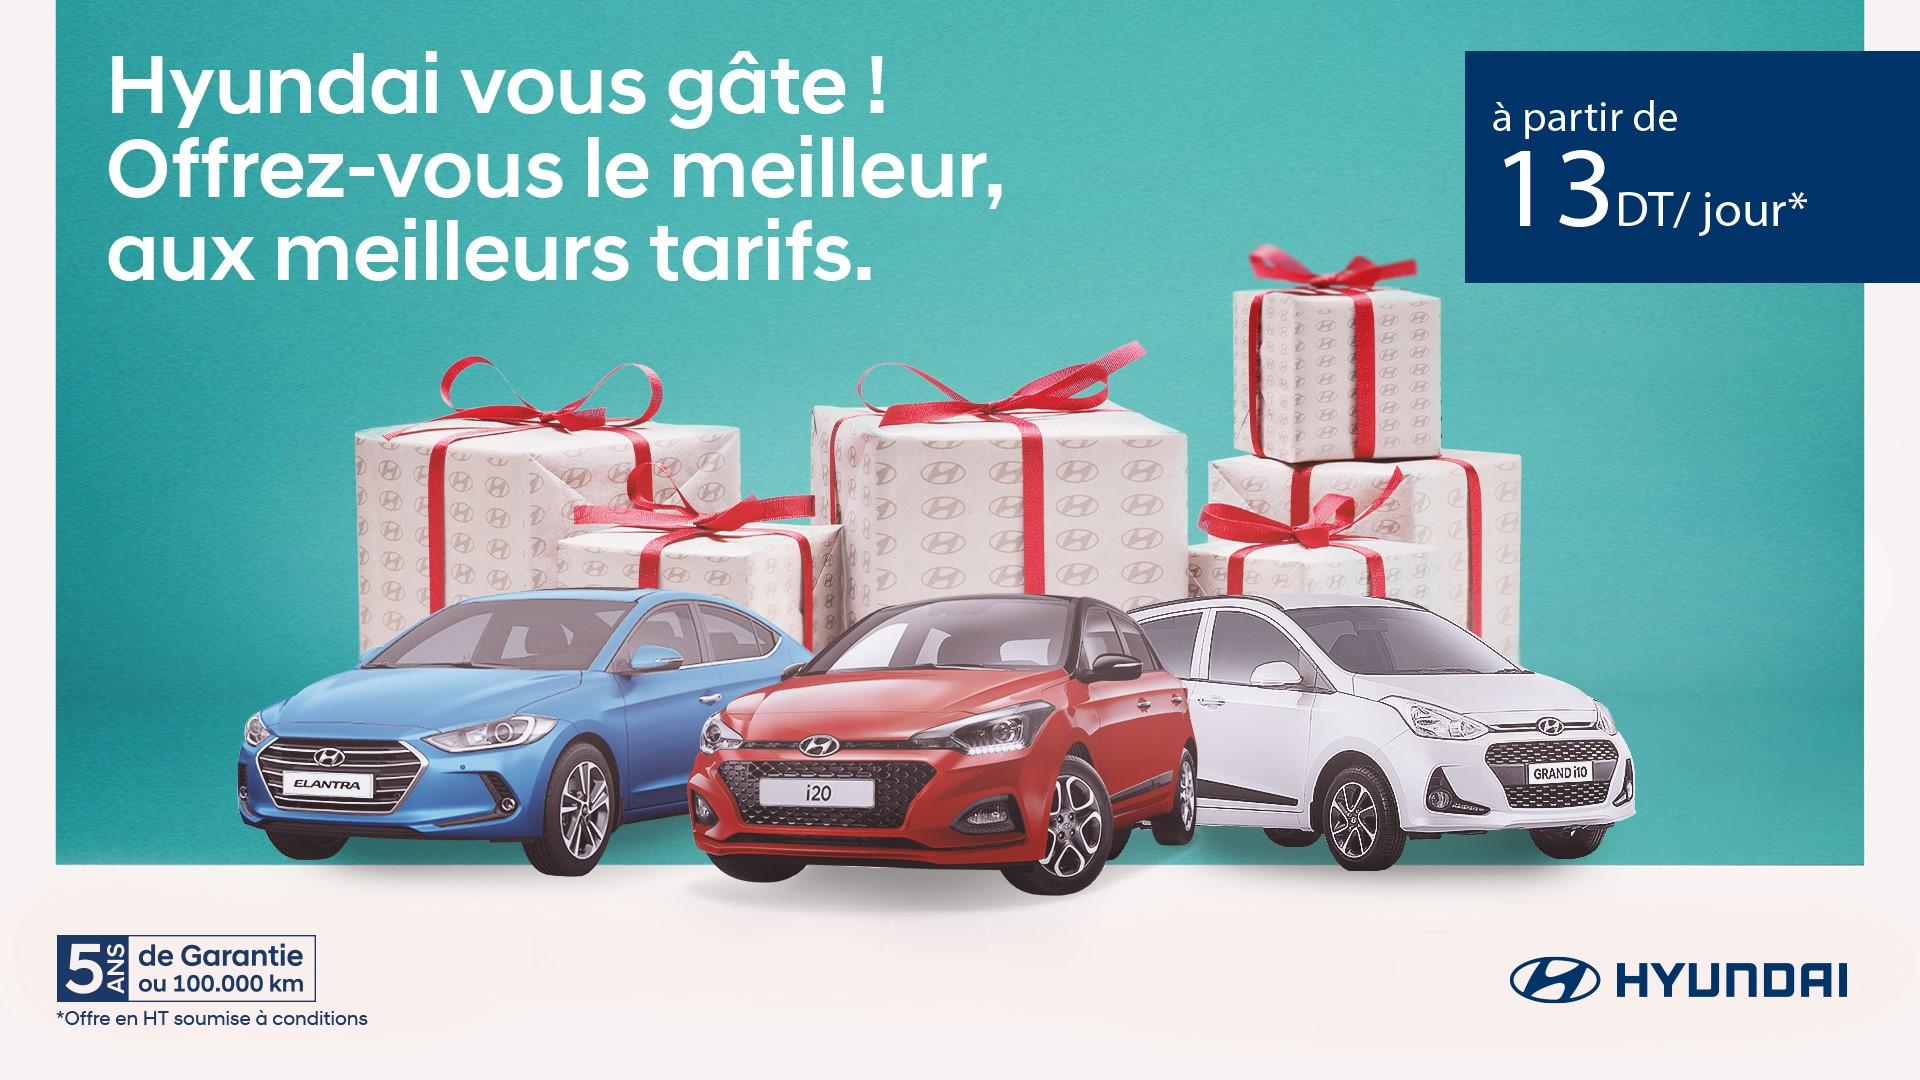 Offres de financement avantageuses chez Hyundai